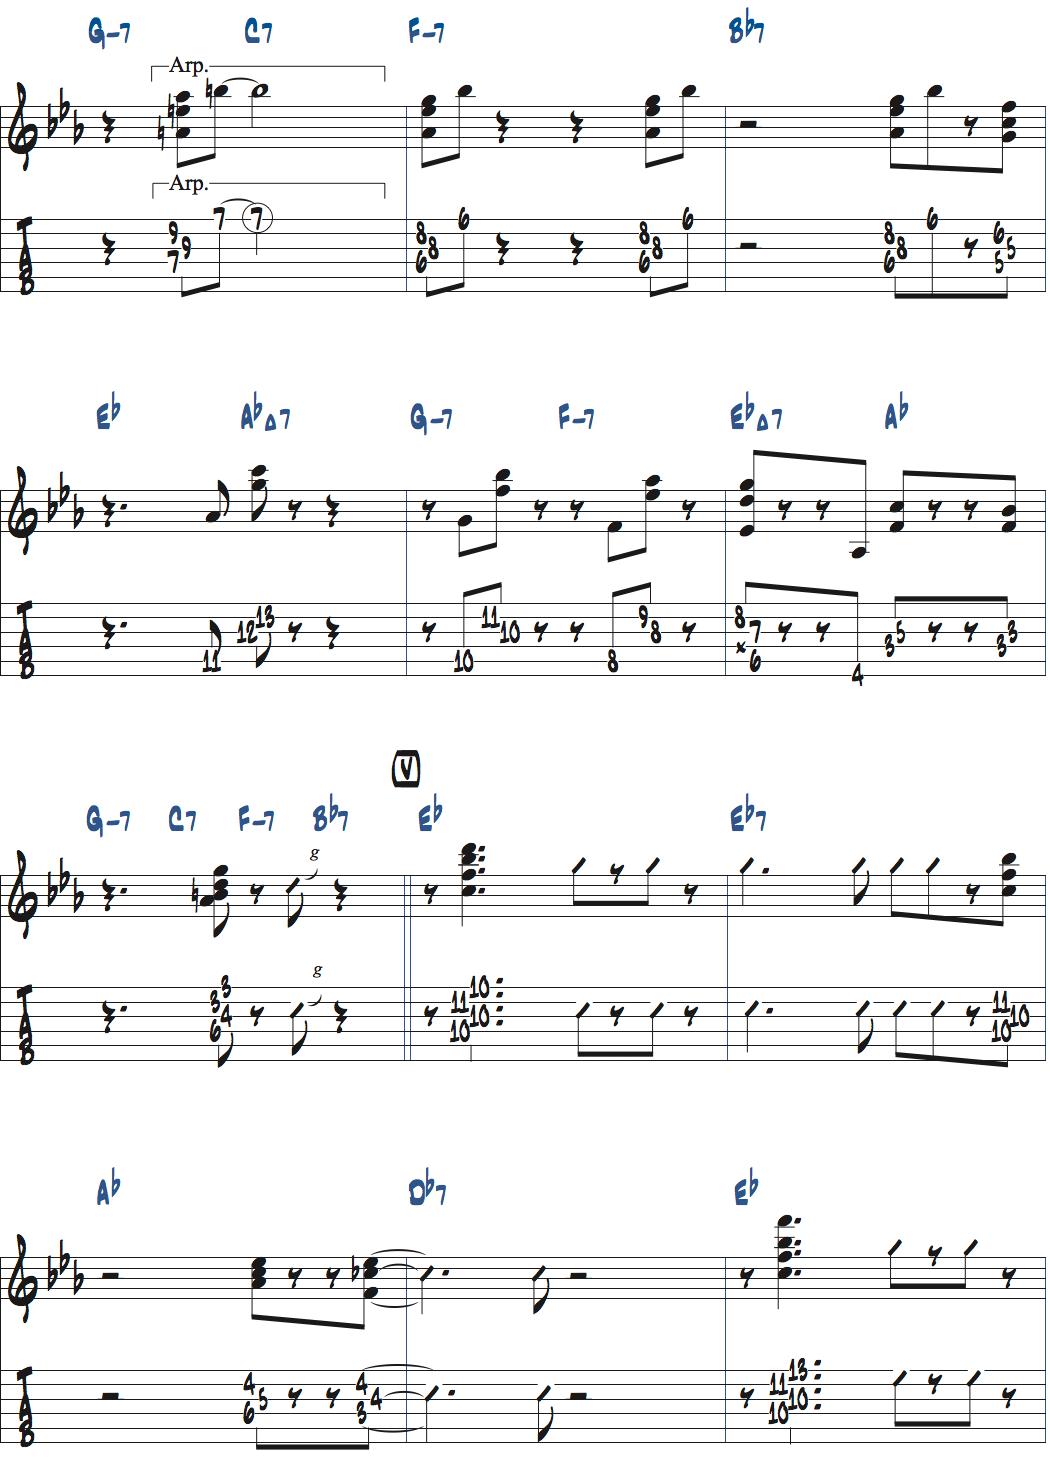 ジムホールのWithout a Songアドリブ2コーラス目楽譜ページ2